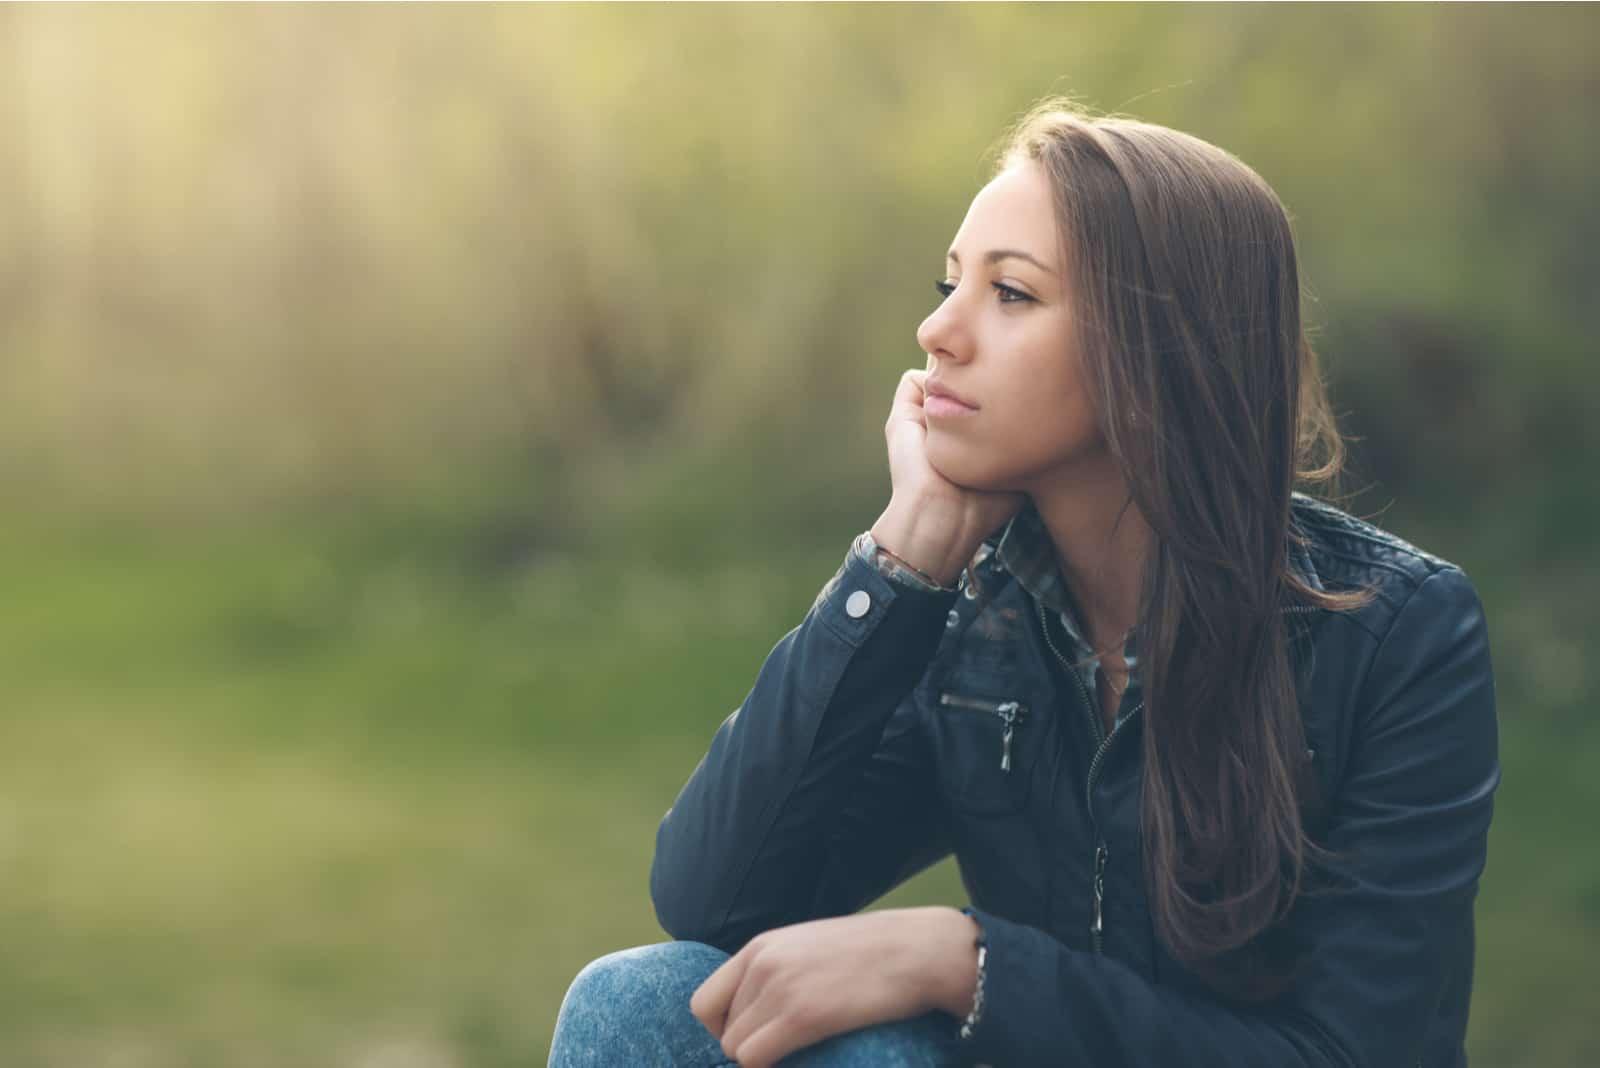 femme pensive se détendre dans le parc